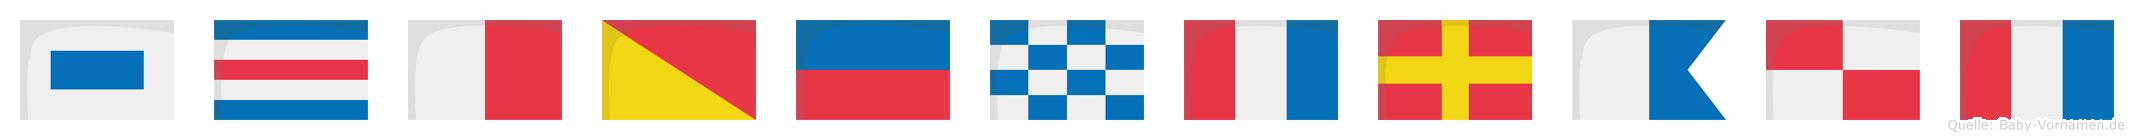 Schöntraut im Flaggenalphabet